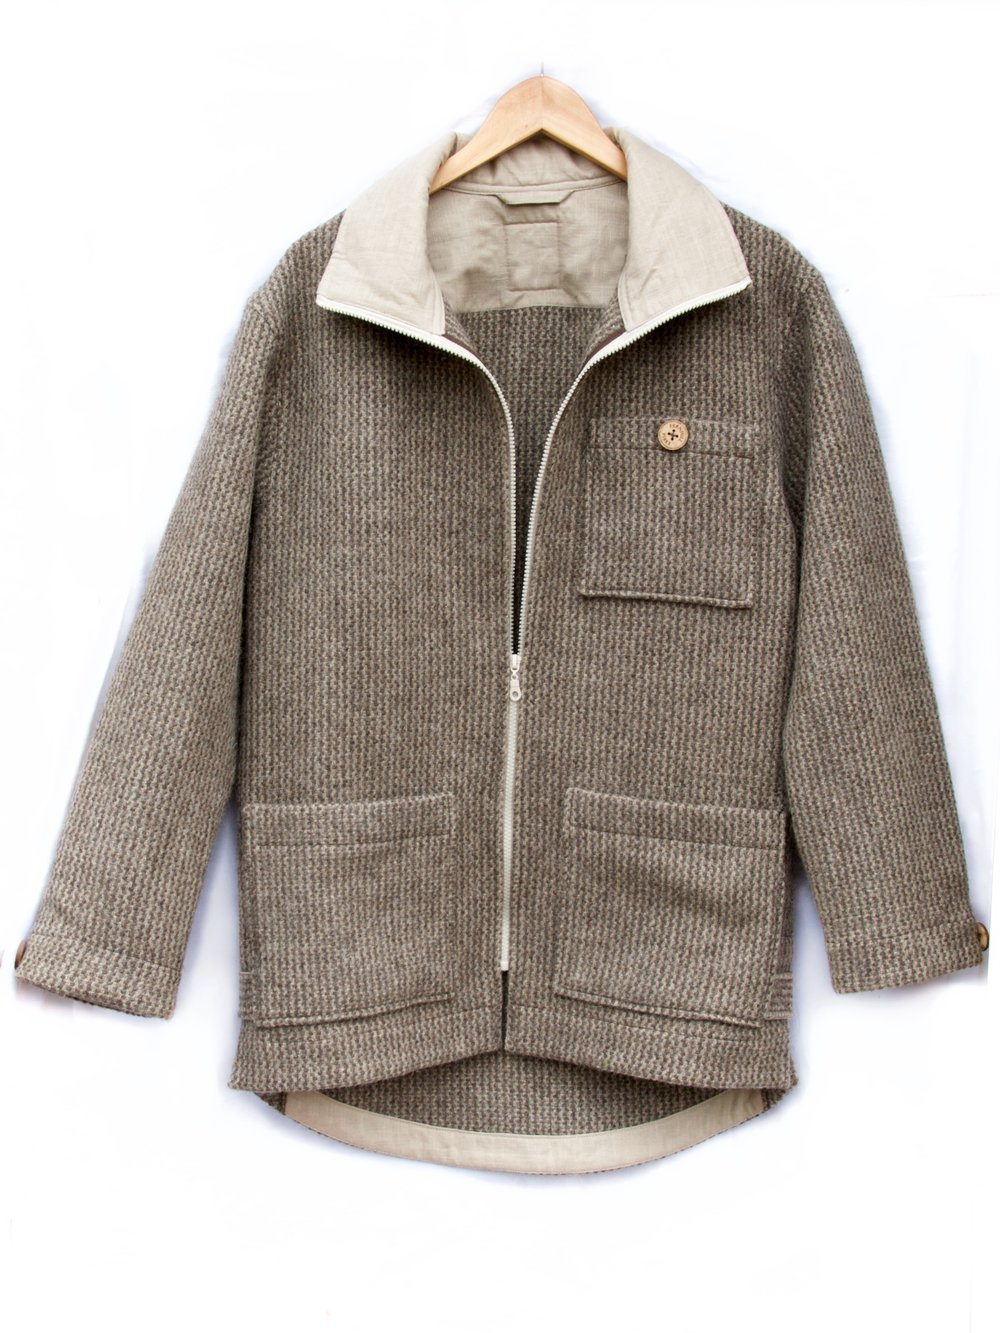 Fernhill Fibre Wool Jacket.jpg